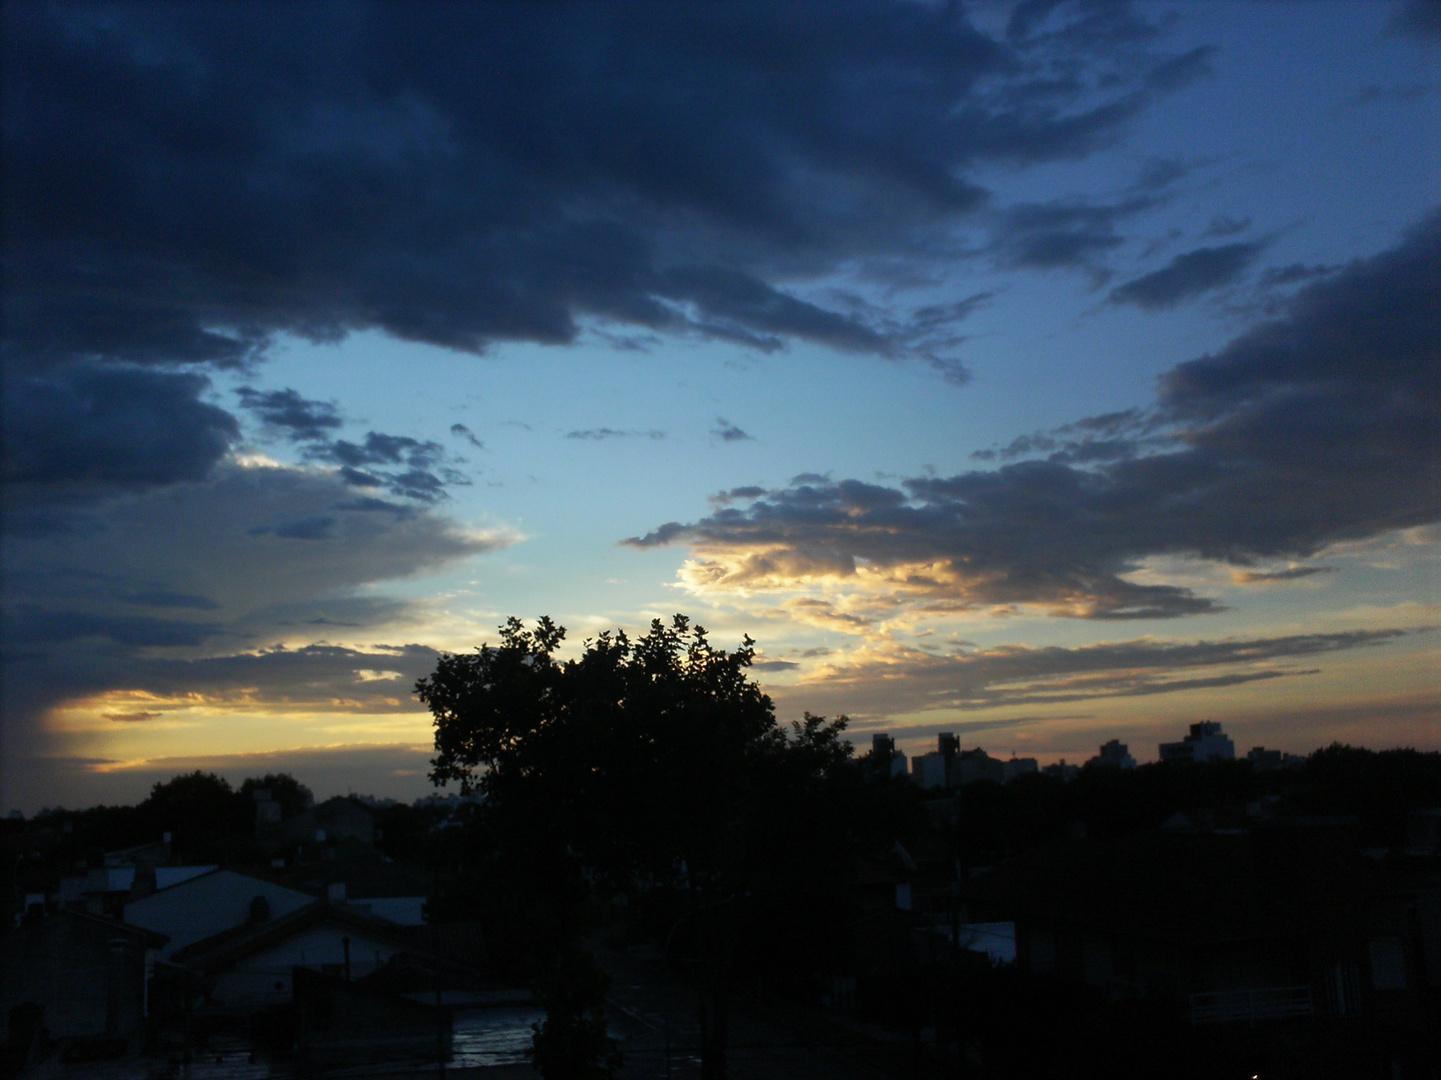 Cielo con tormenta